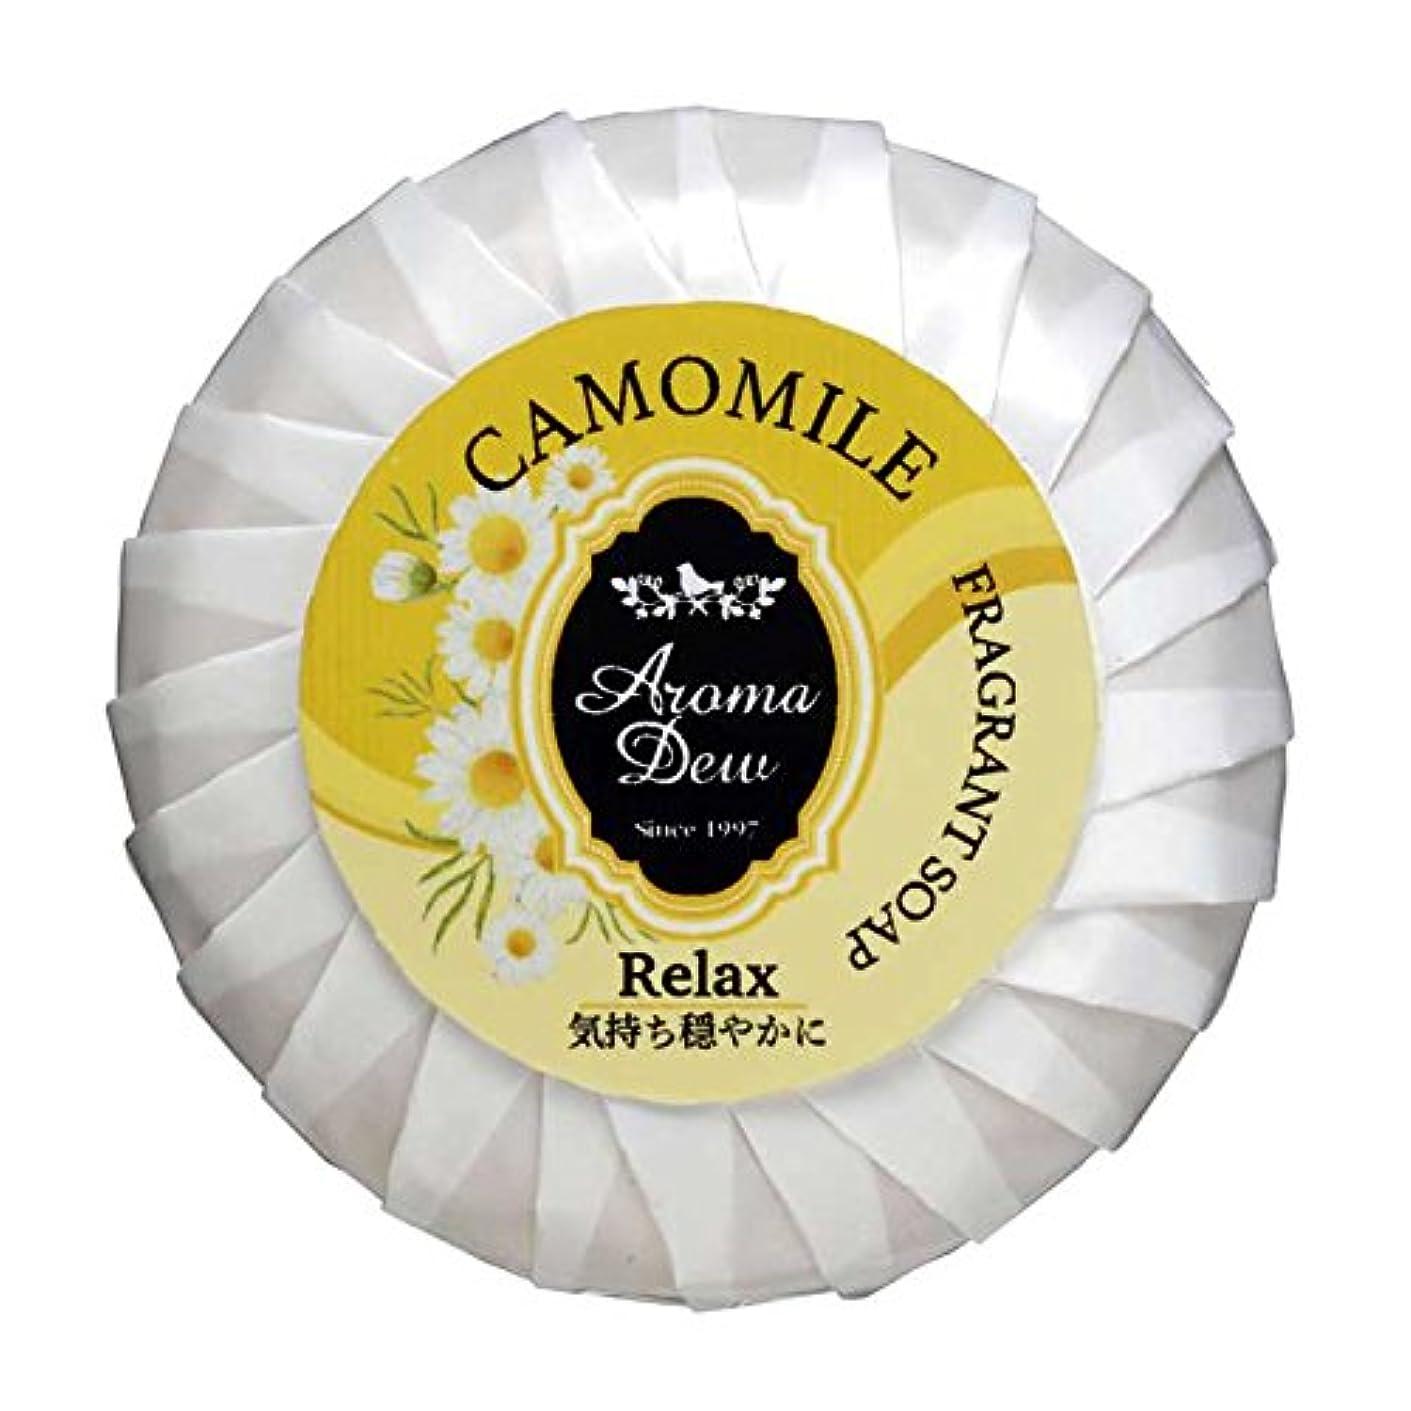 召集するガス除去アロマデュウ フレグラントソープ カモミールの香り 100g